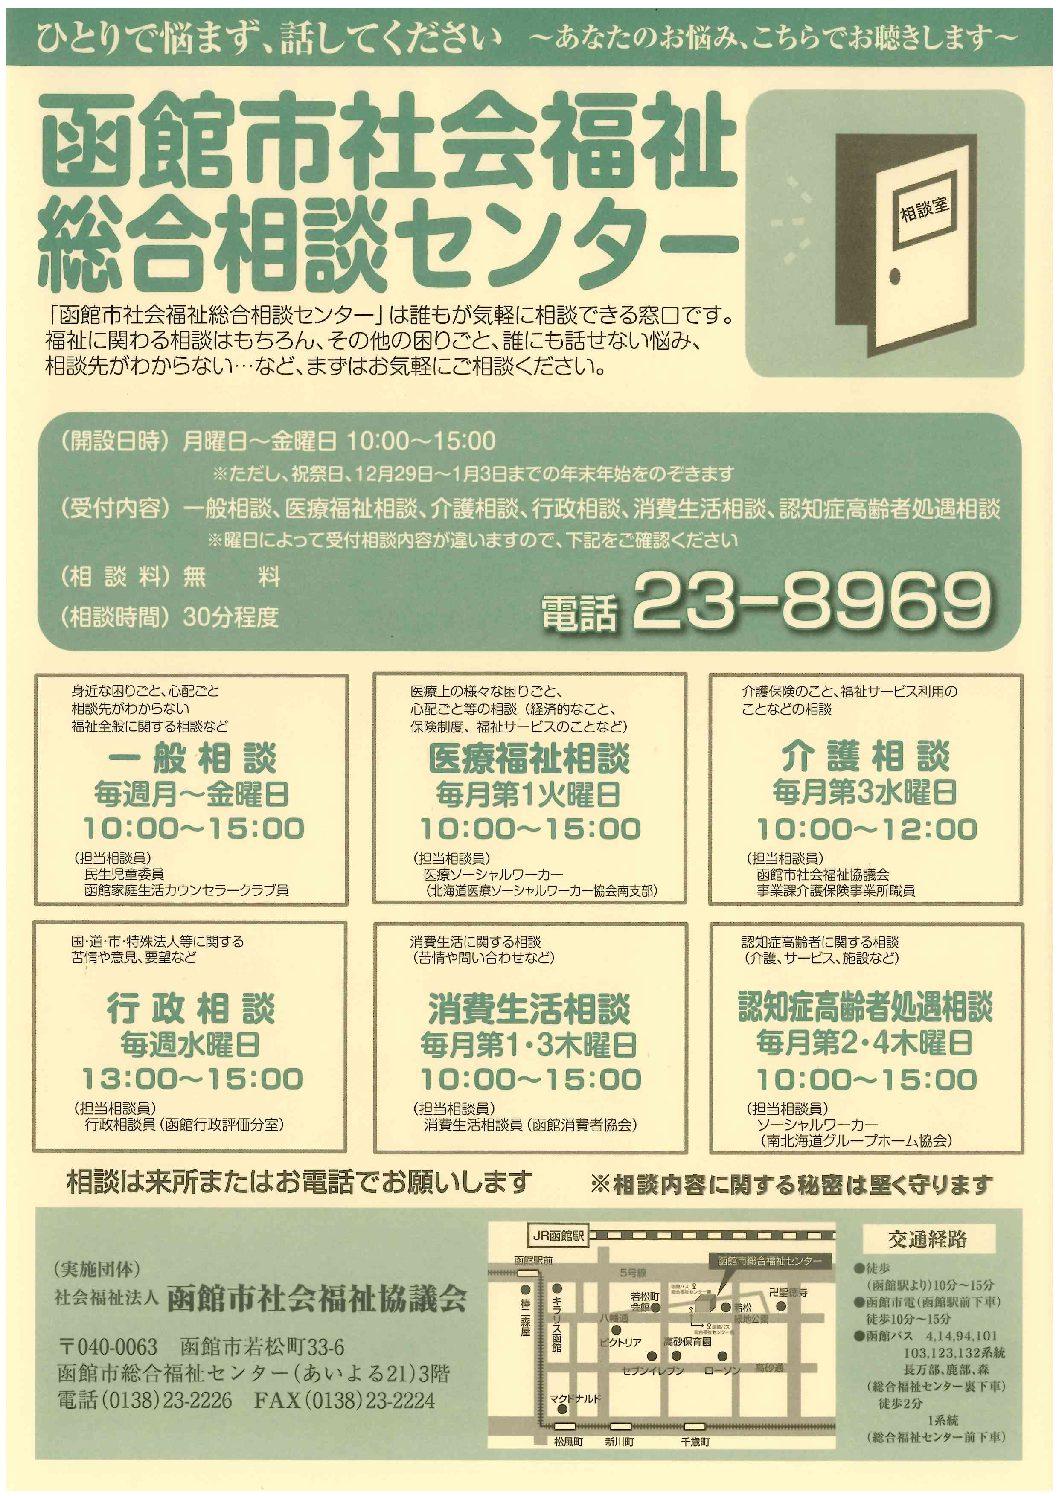 函館市社会福祉総合相談センター